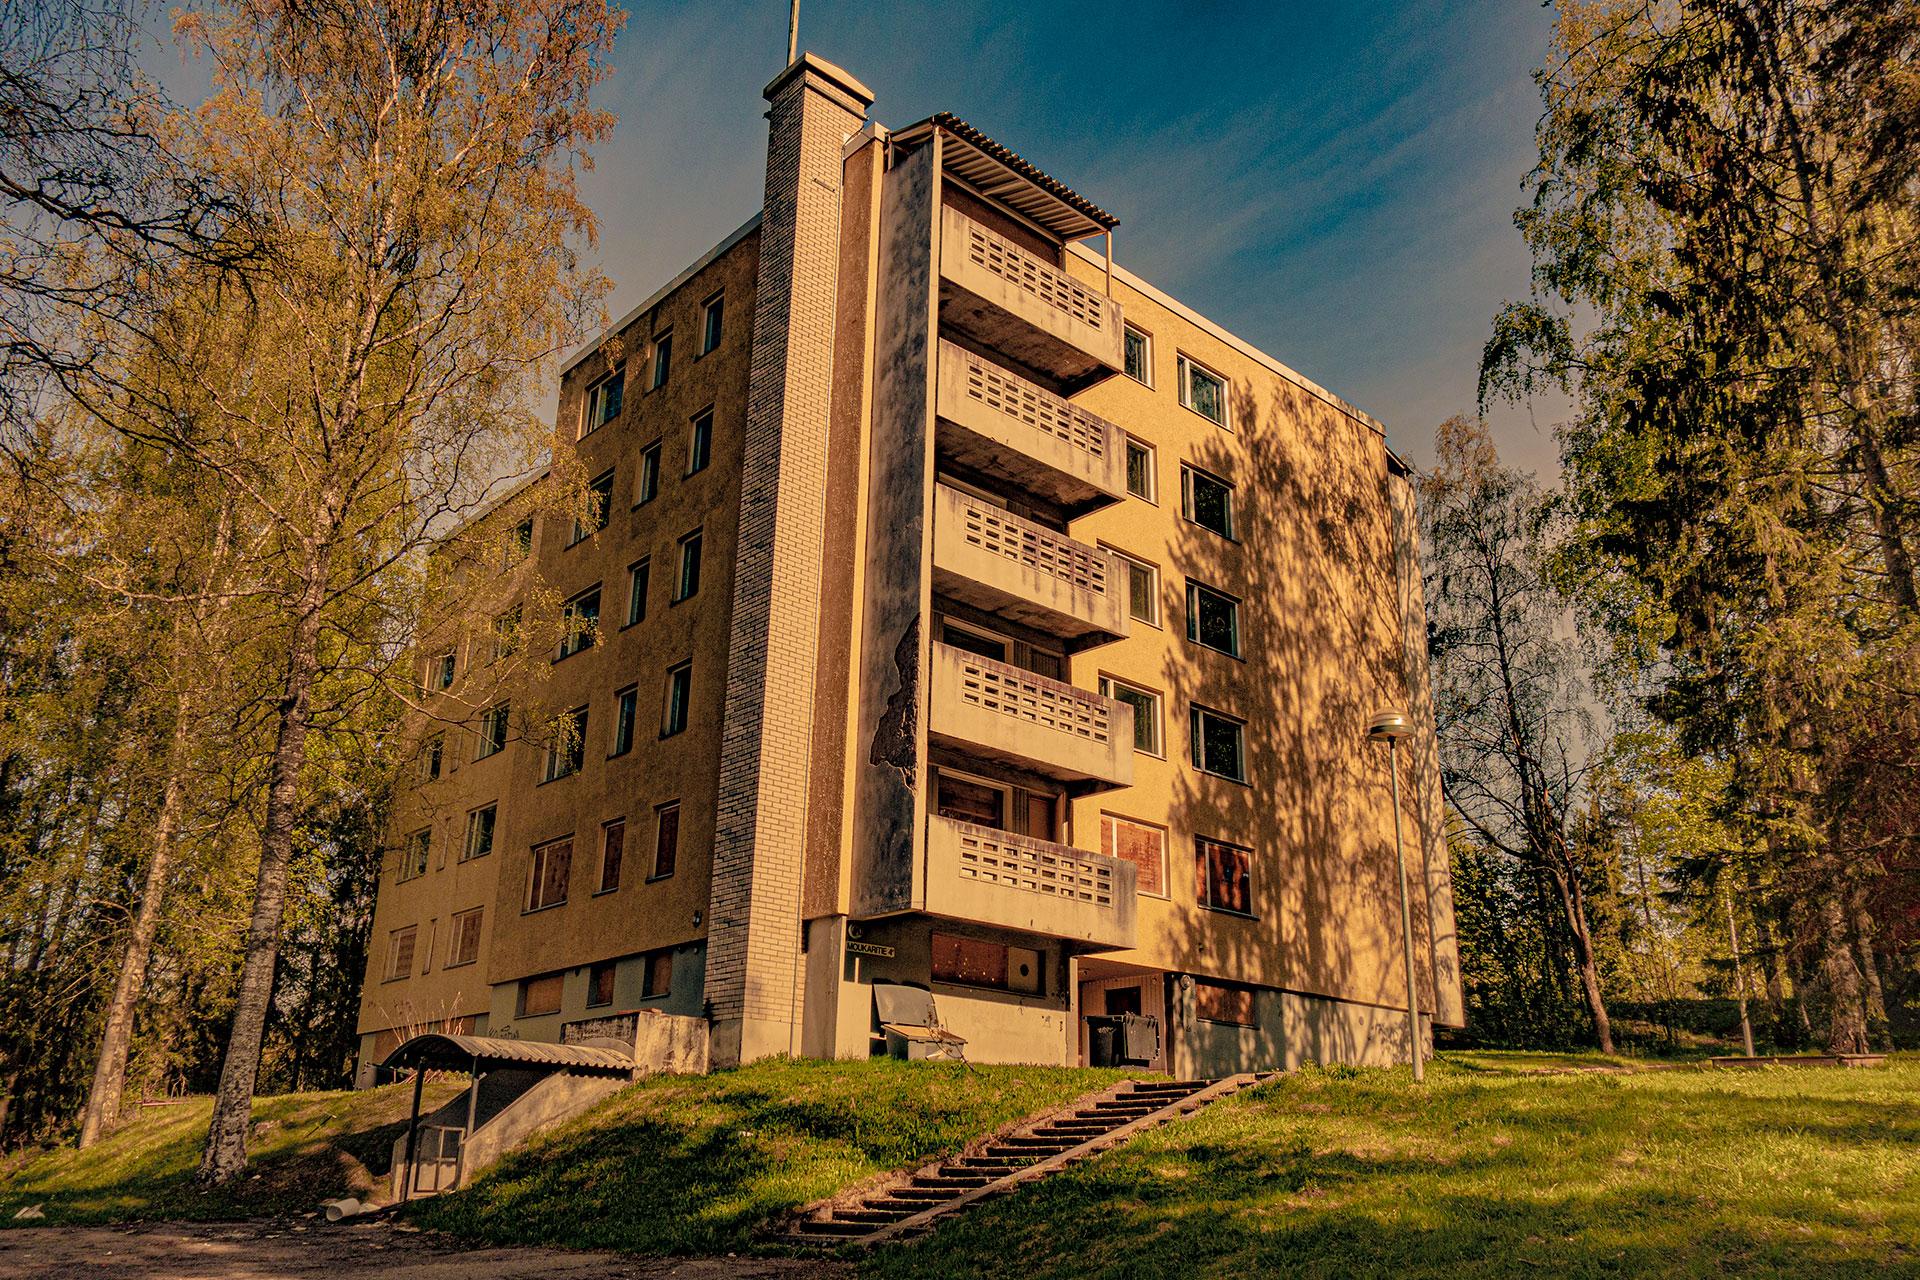 talo_yleiskuva